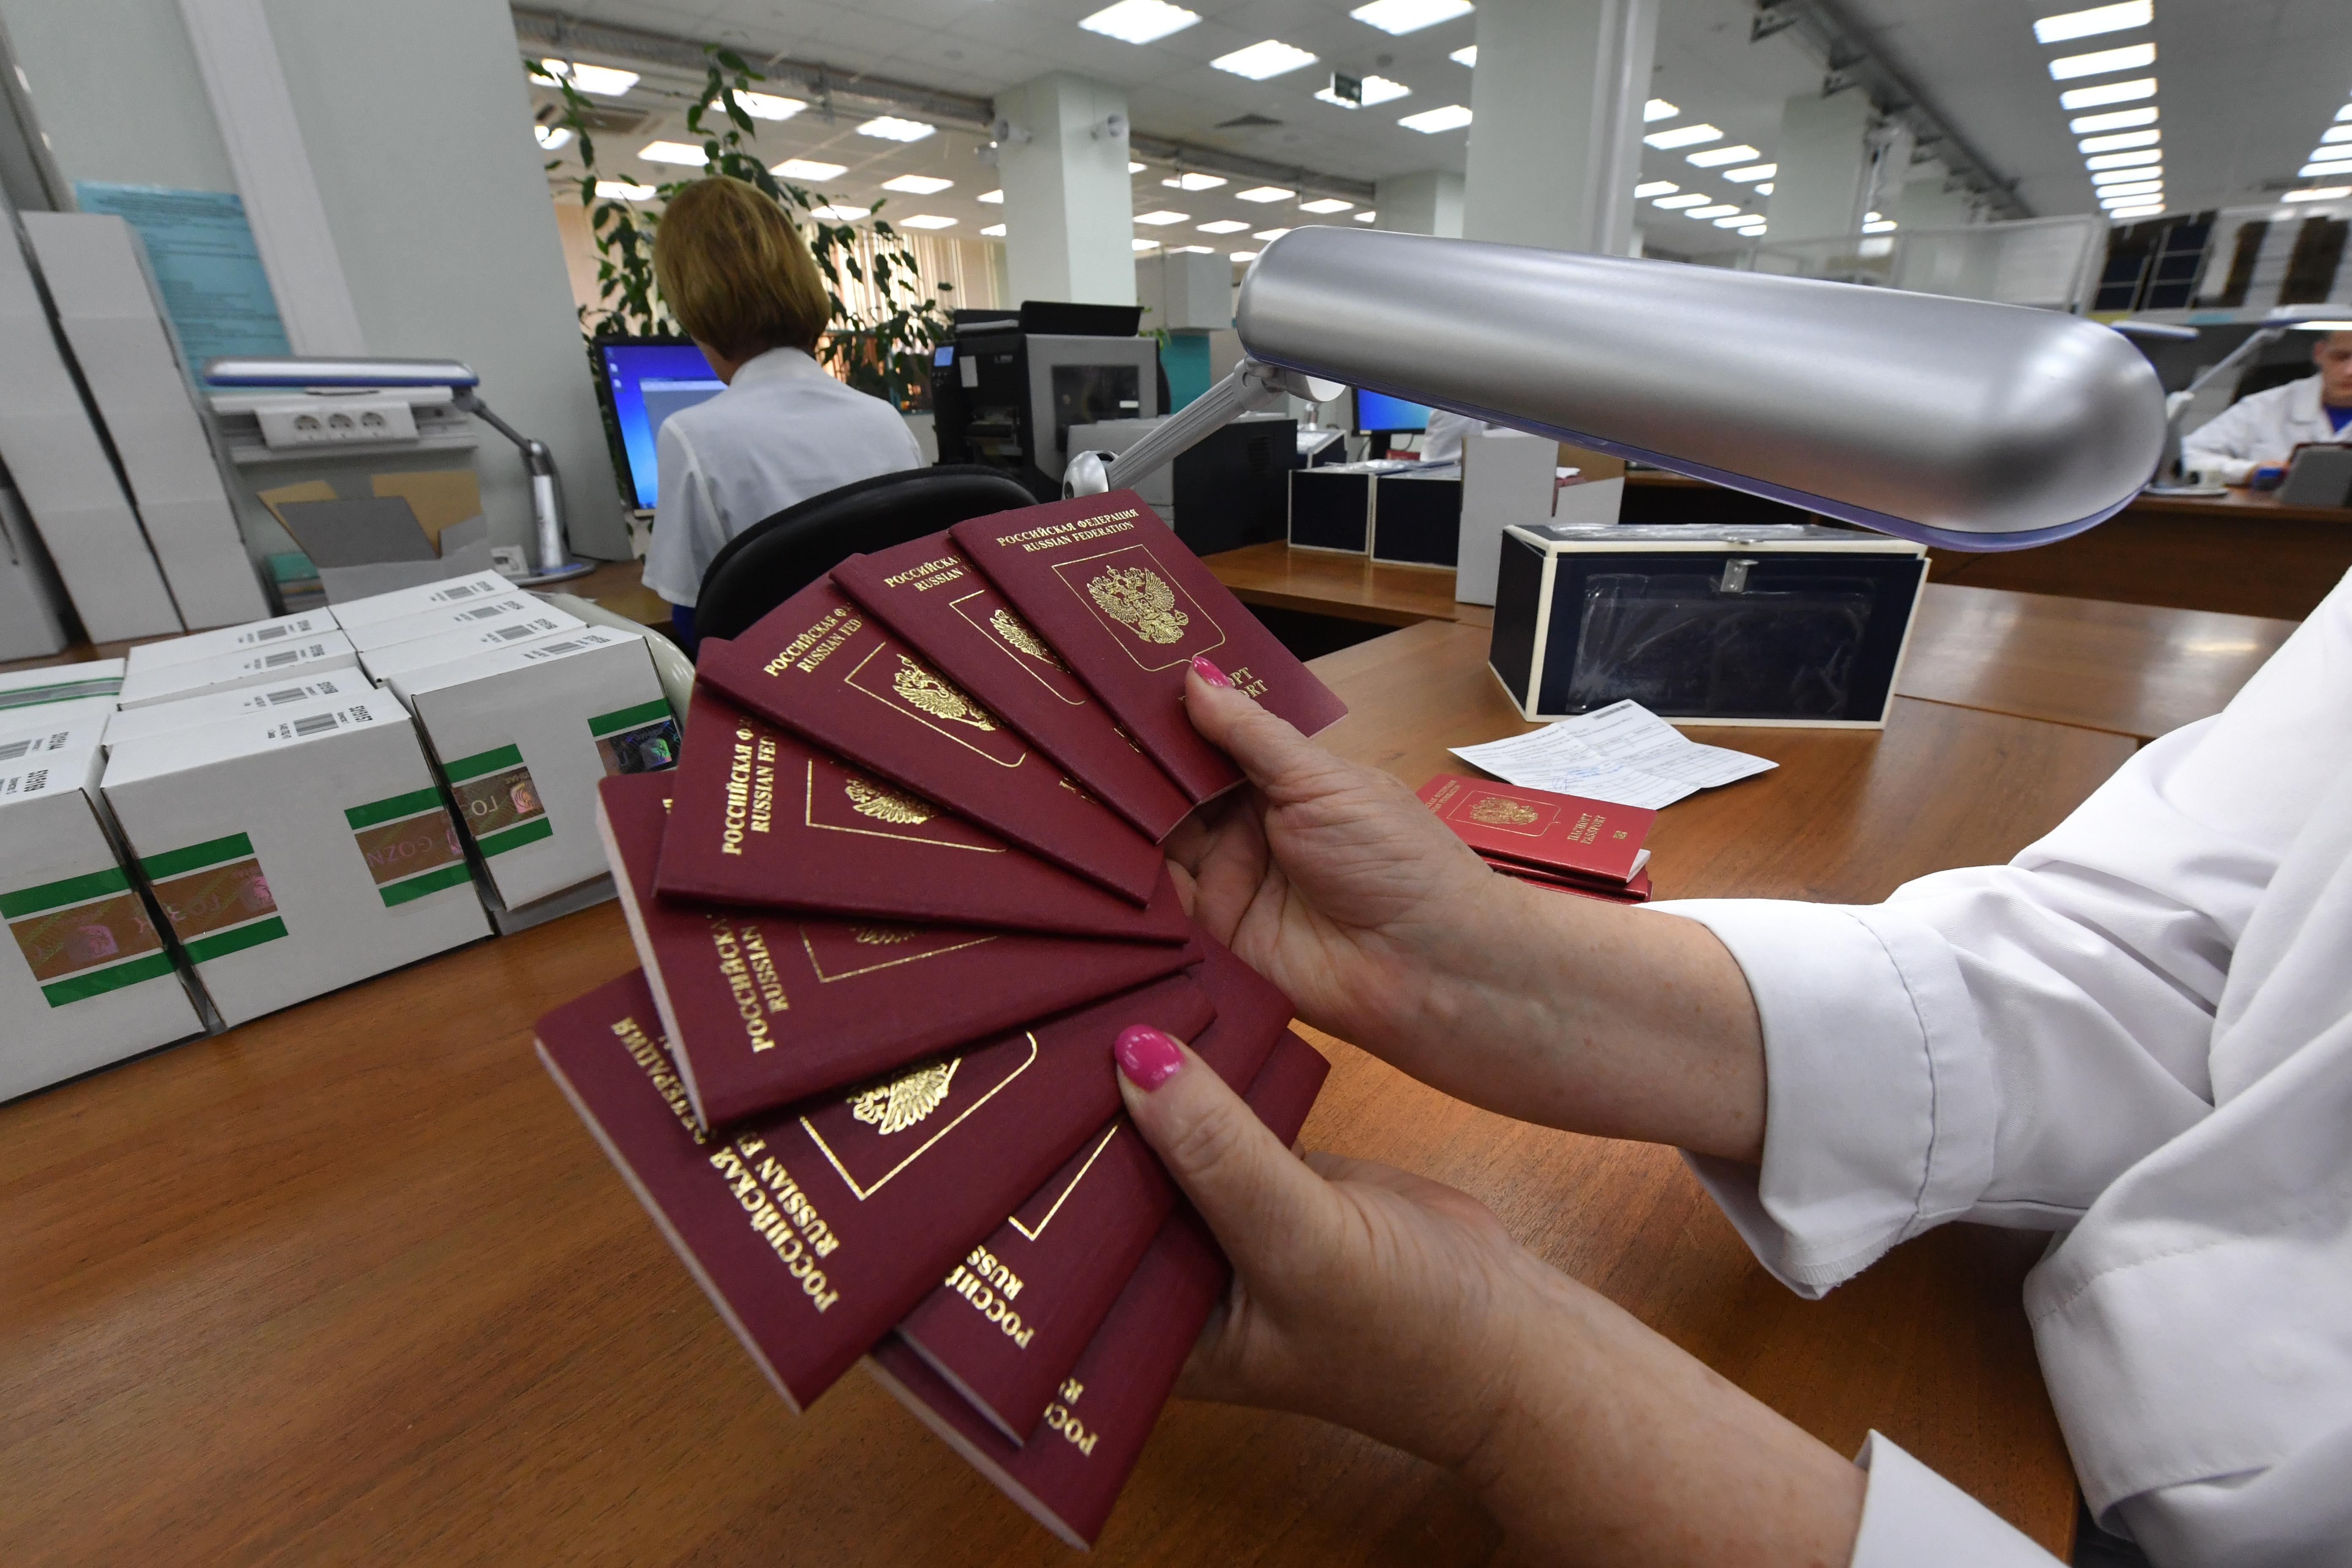 Образец написания заявления и другие документы для отказа от гражданства украины в 2020 году